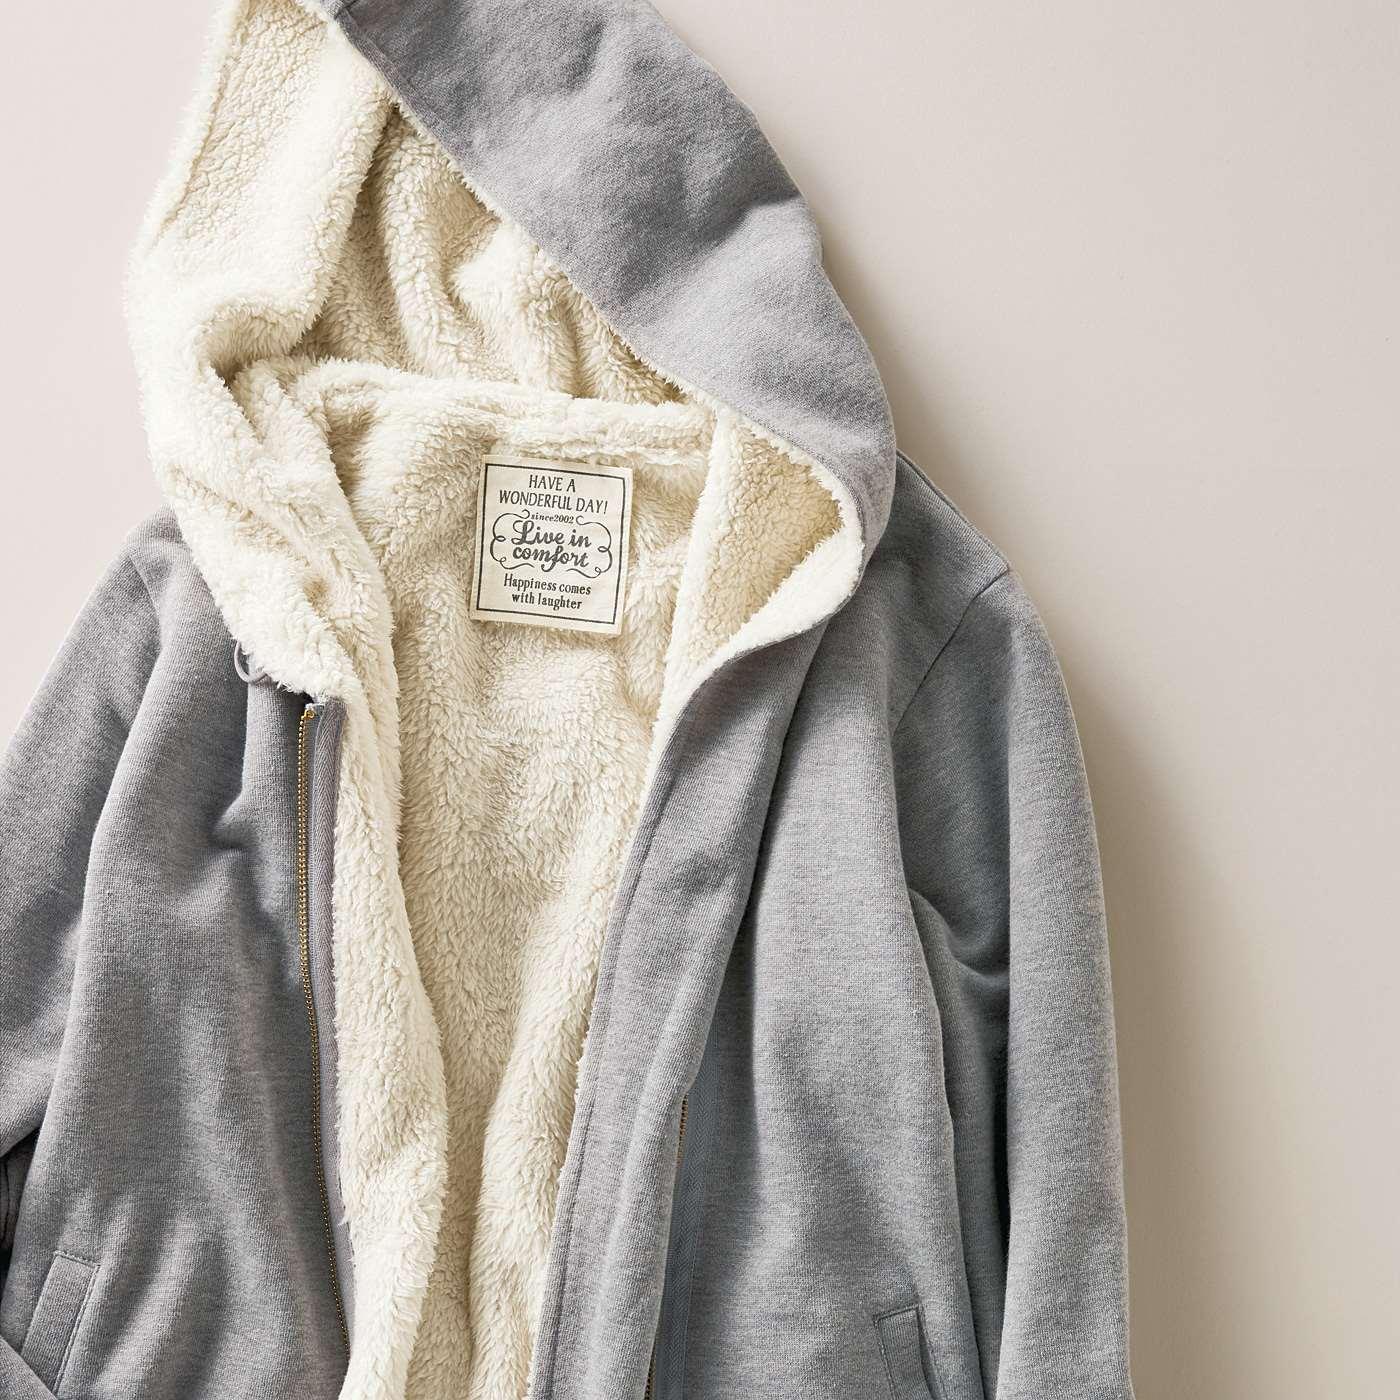 フェリシモ リブ イン コンフォート コート級の暖かさ! オトナ顔の裏ボアパーカージャケット〈杢(もく)グレー〉